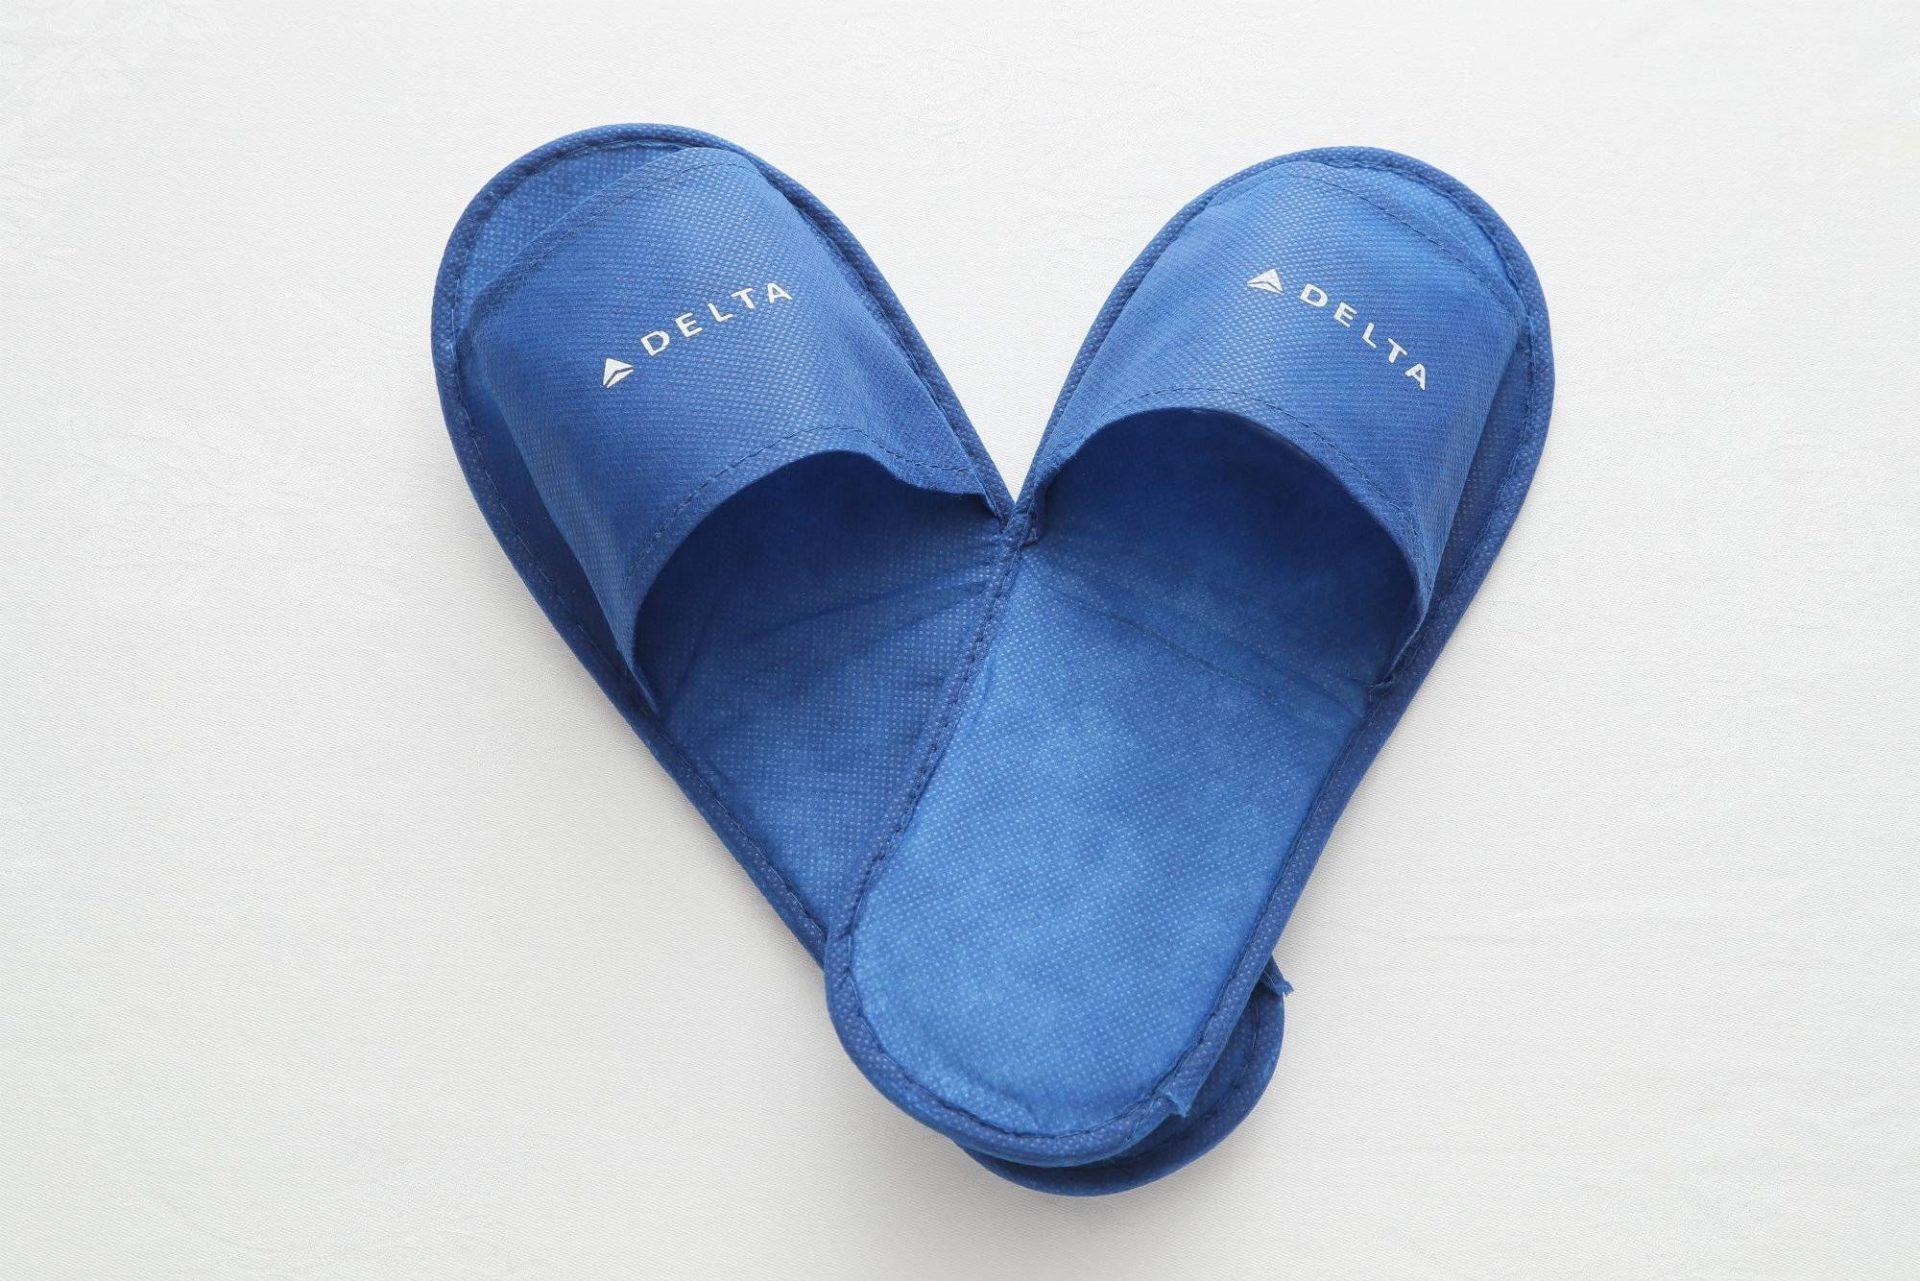 Delta começa a oferecer pantufas como cortesia na classe econômica